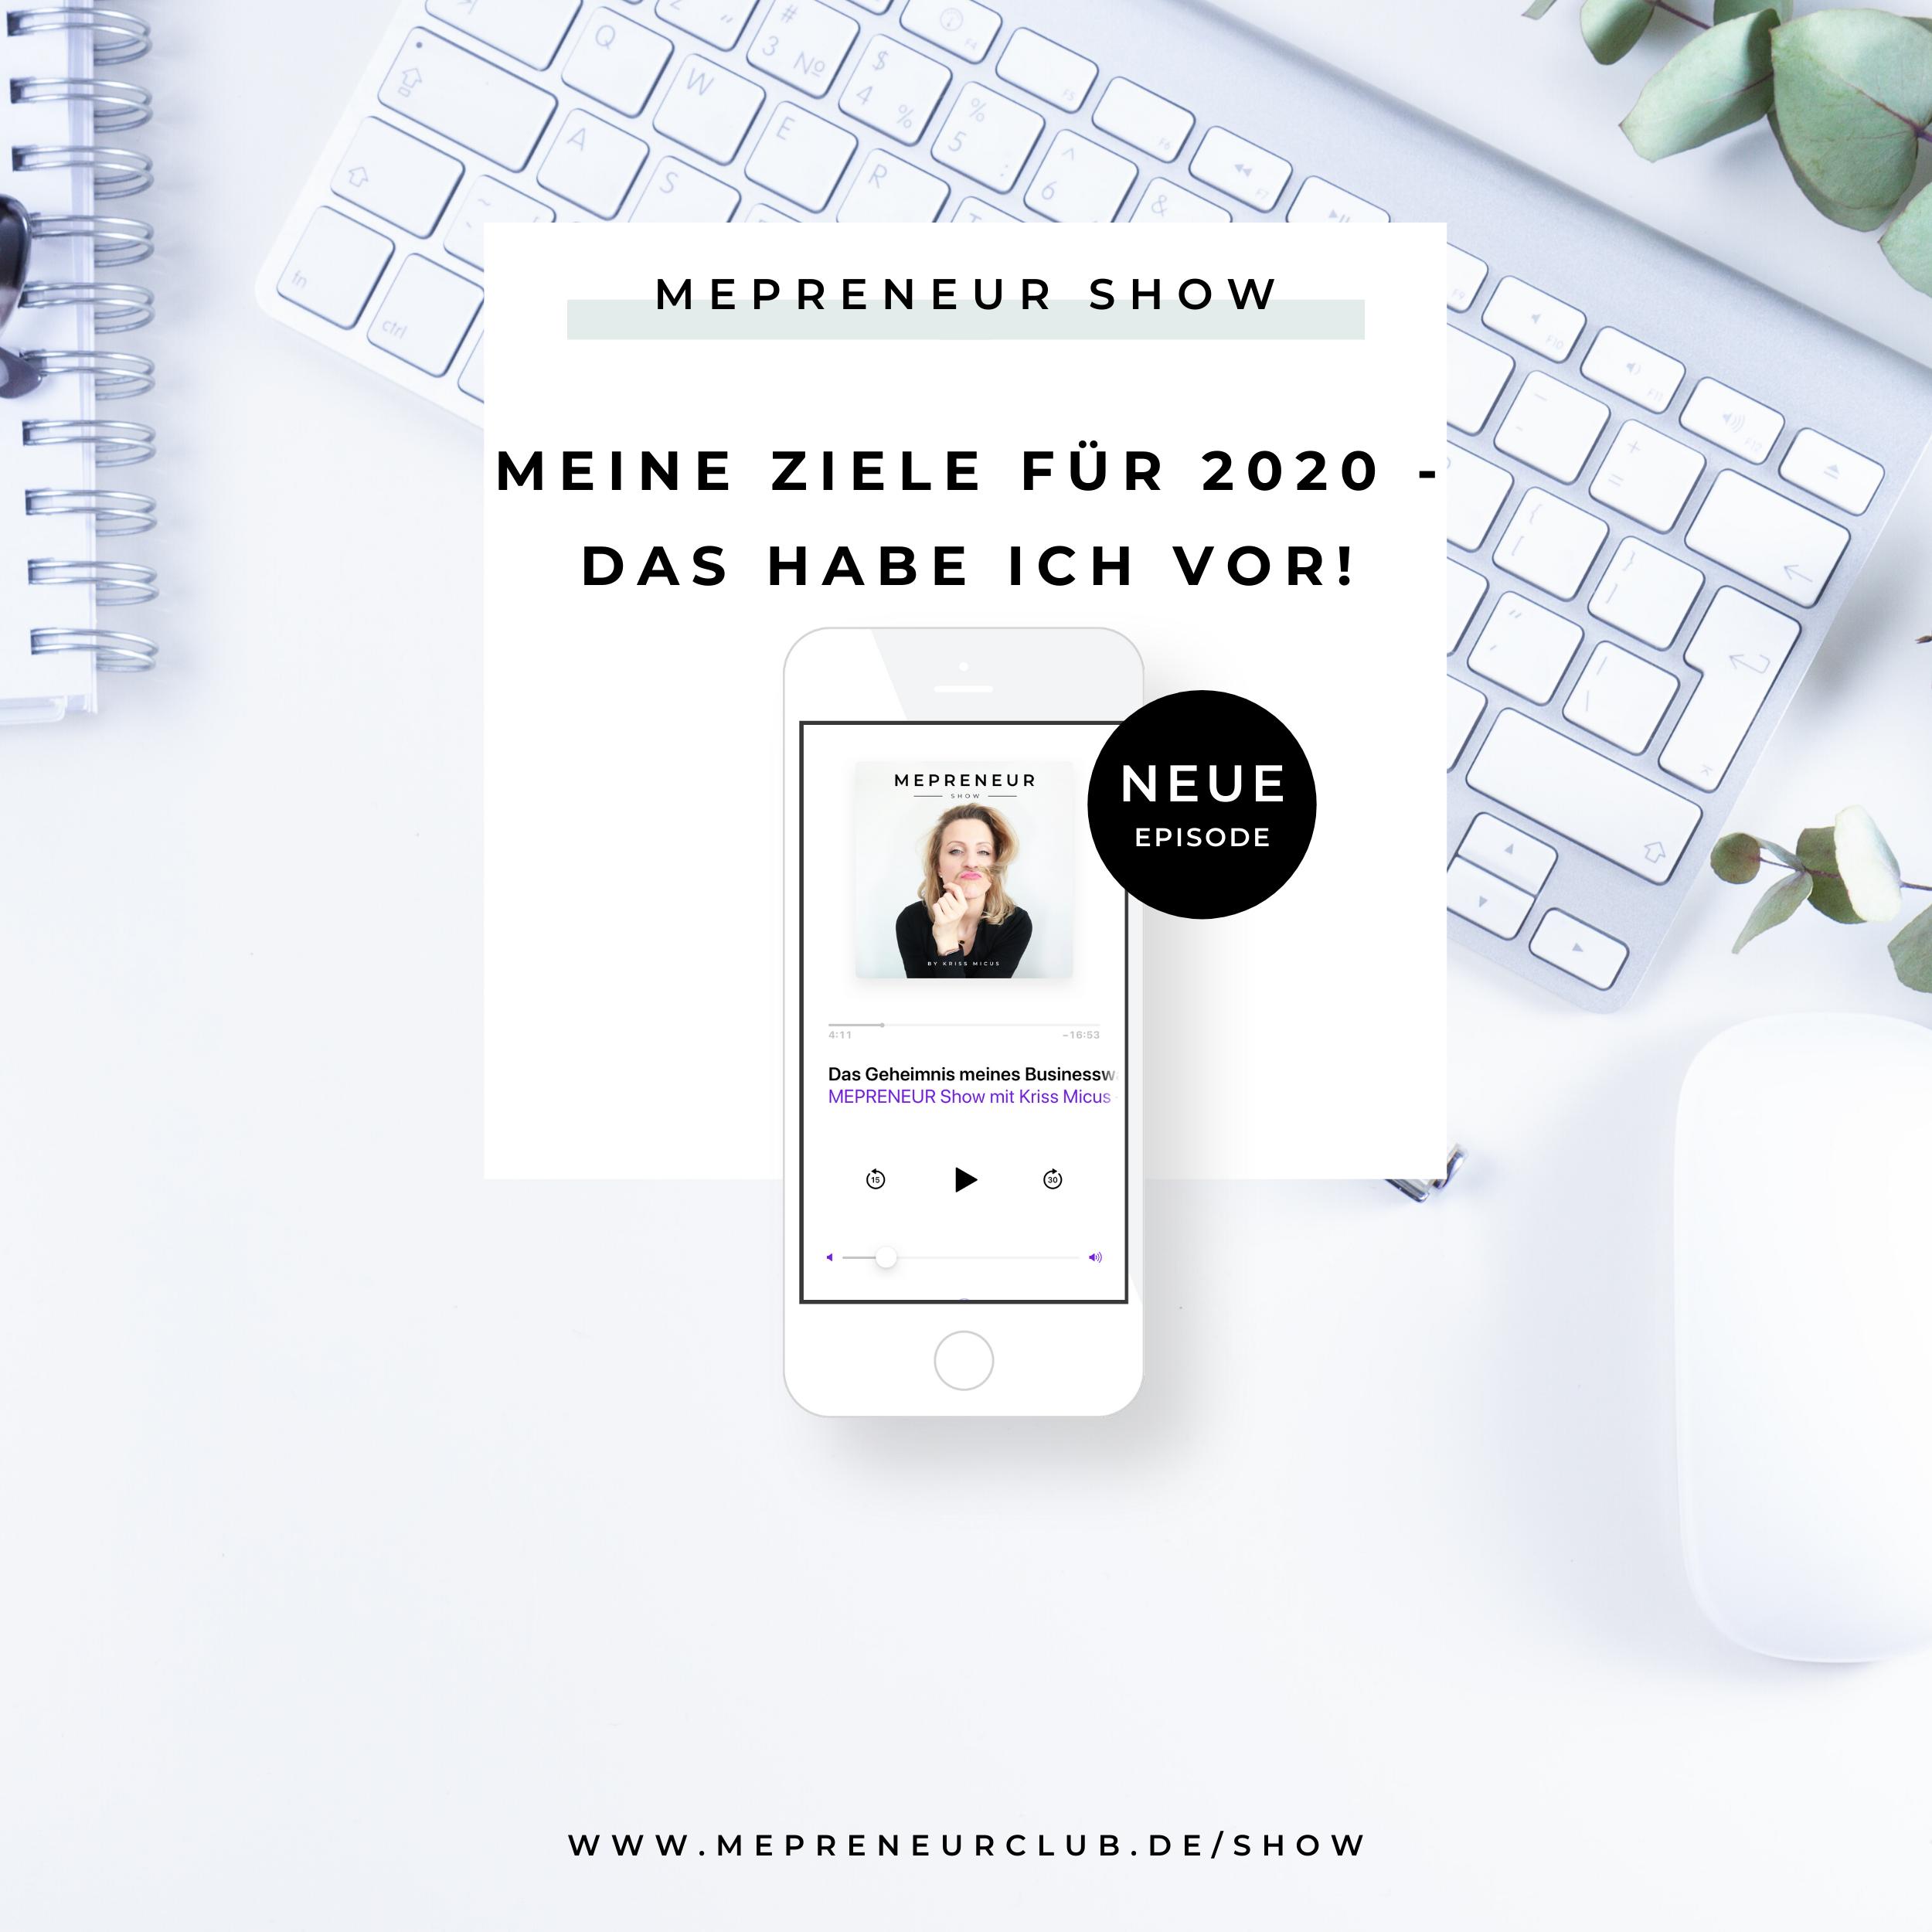 Meine Ziele für 2020 | Mepreneur Show